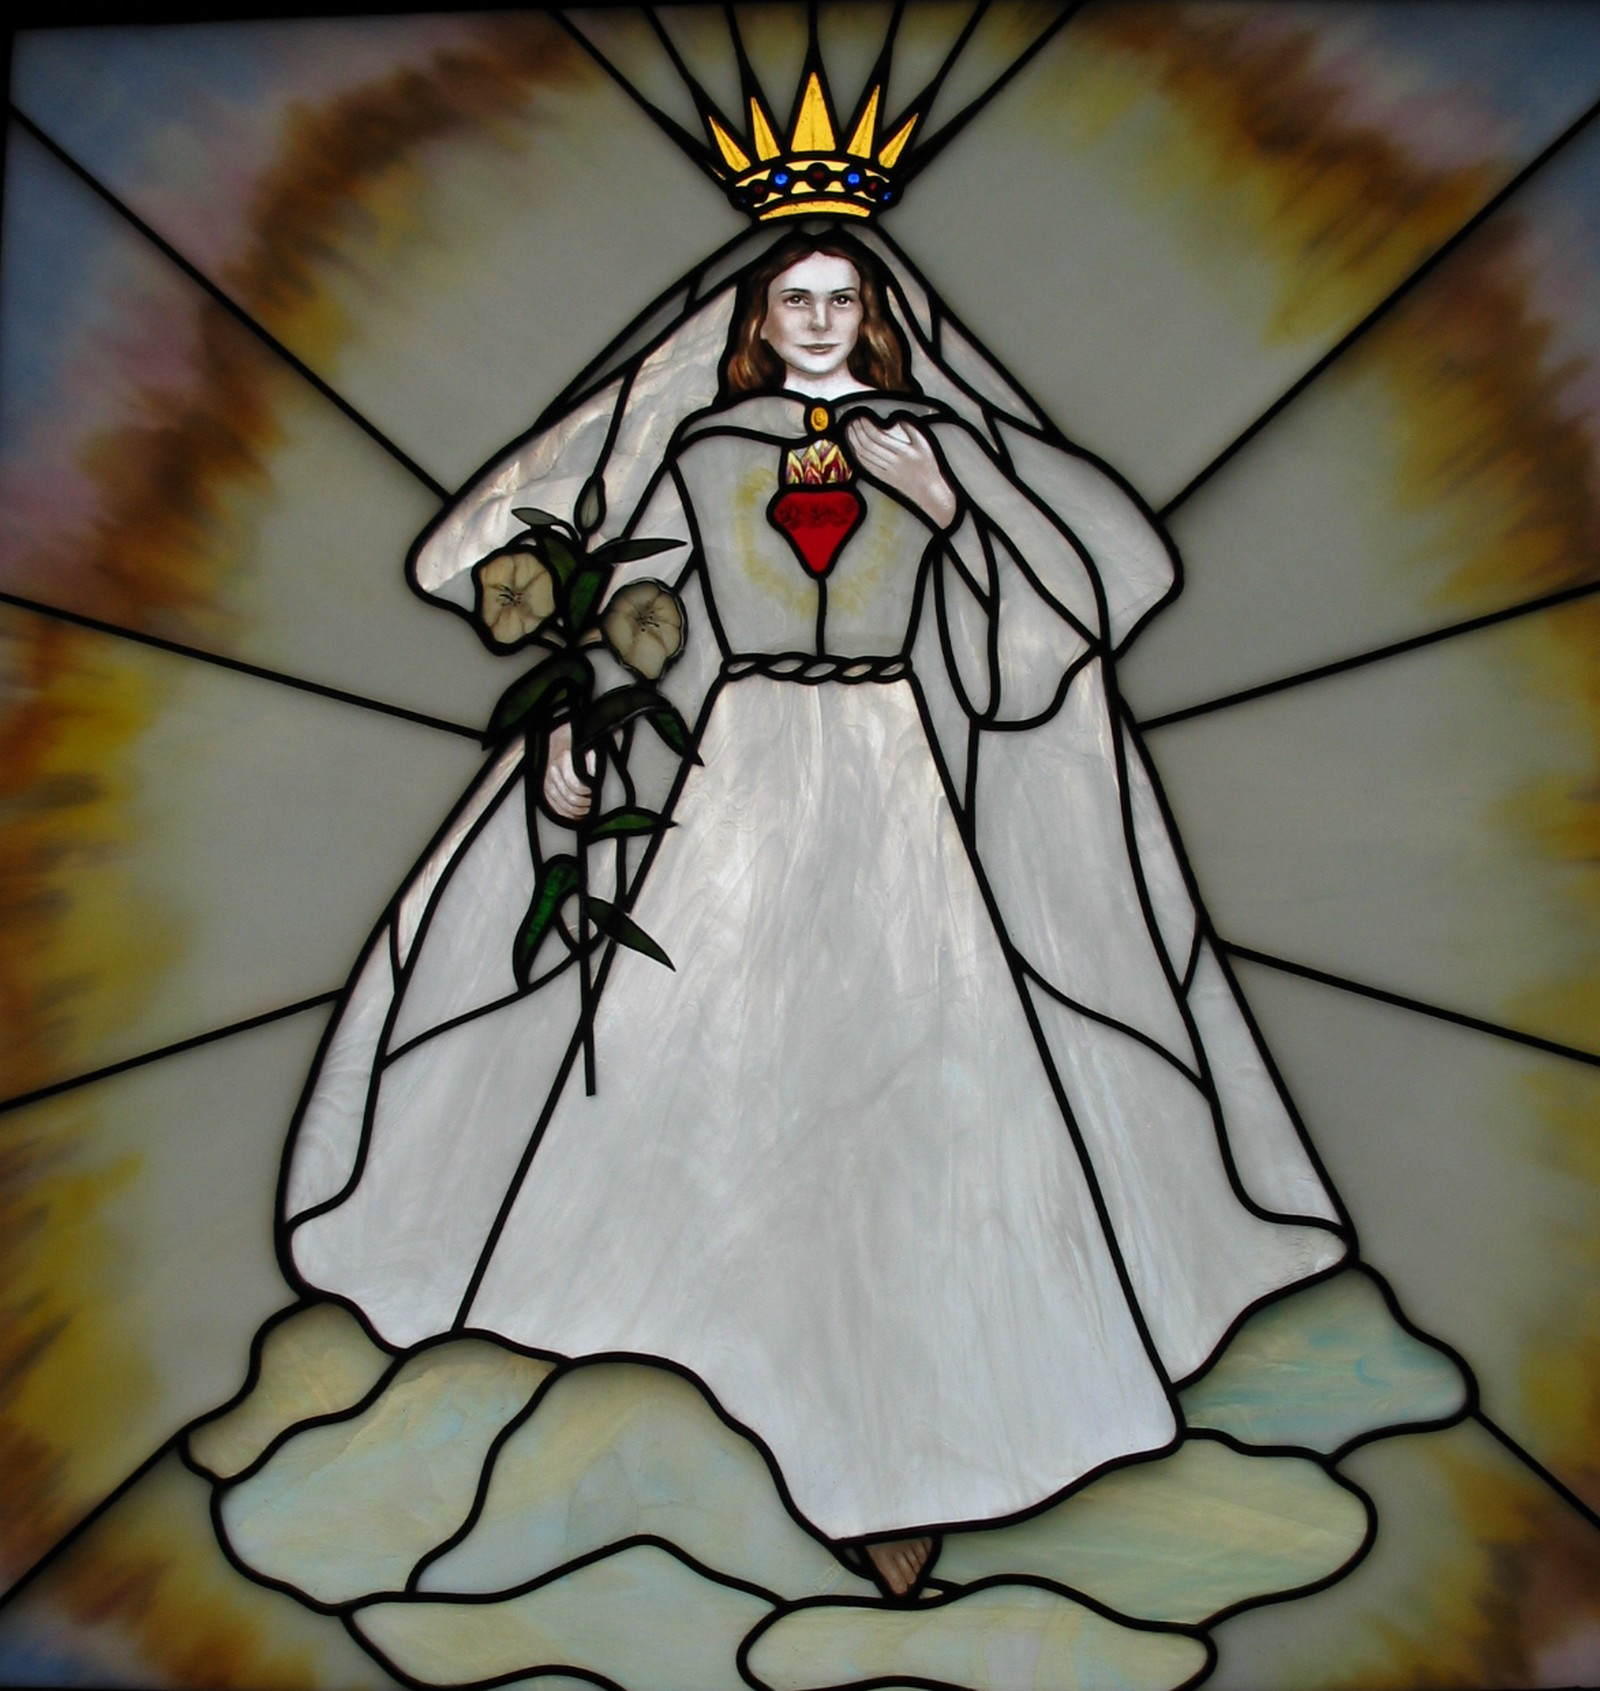 Aparición aprobada: Nuestra Señora de América, Estados Unidos (26 de septiembre)